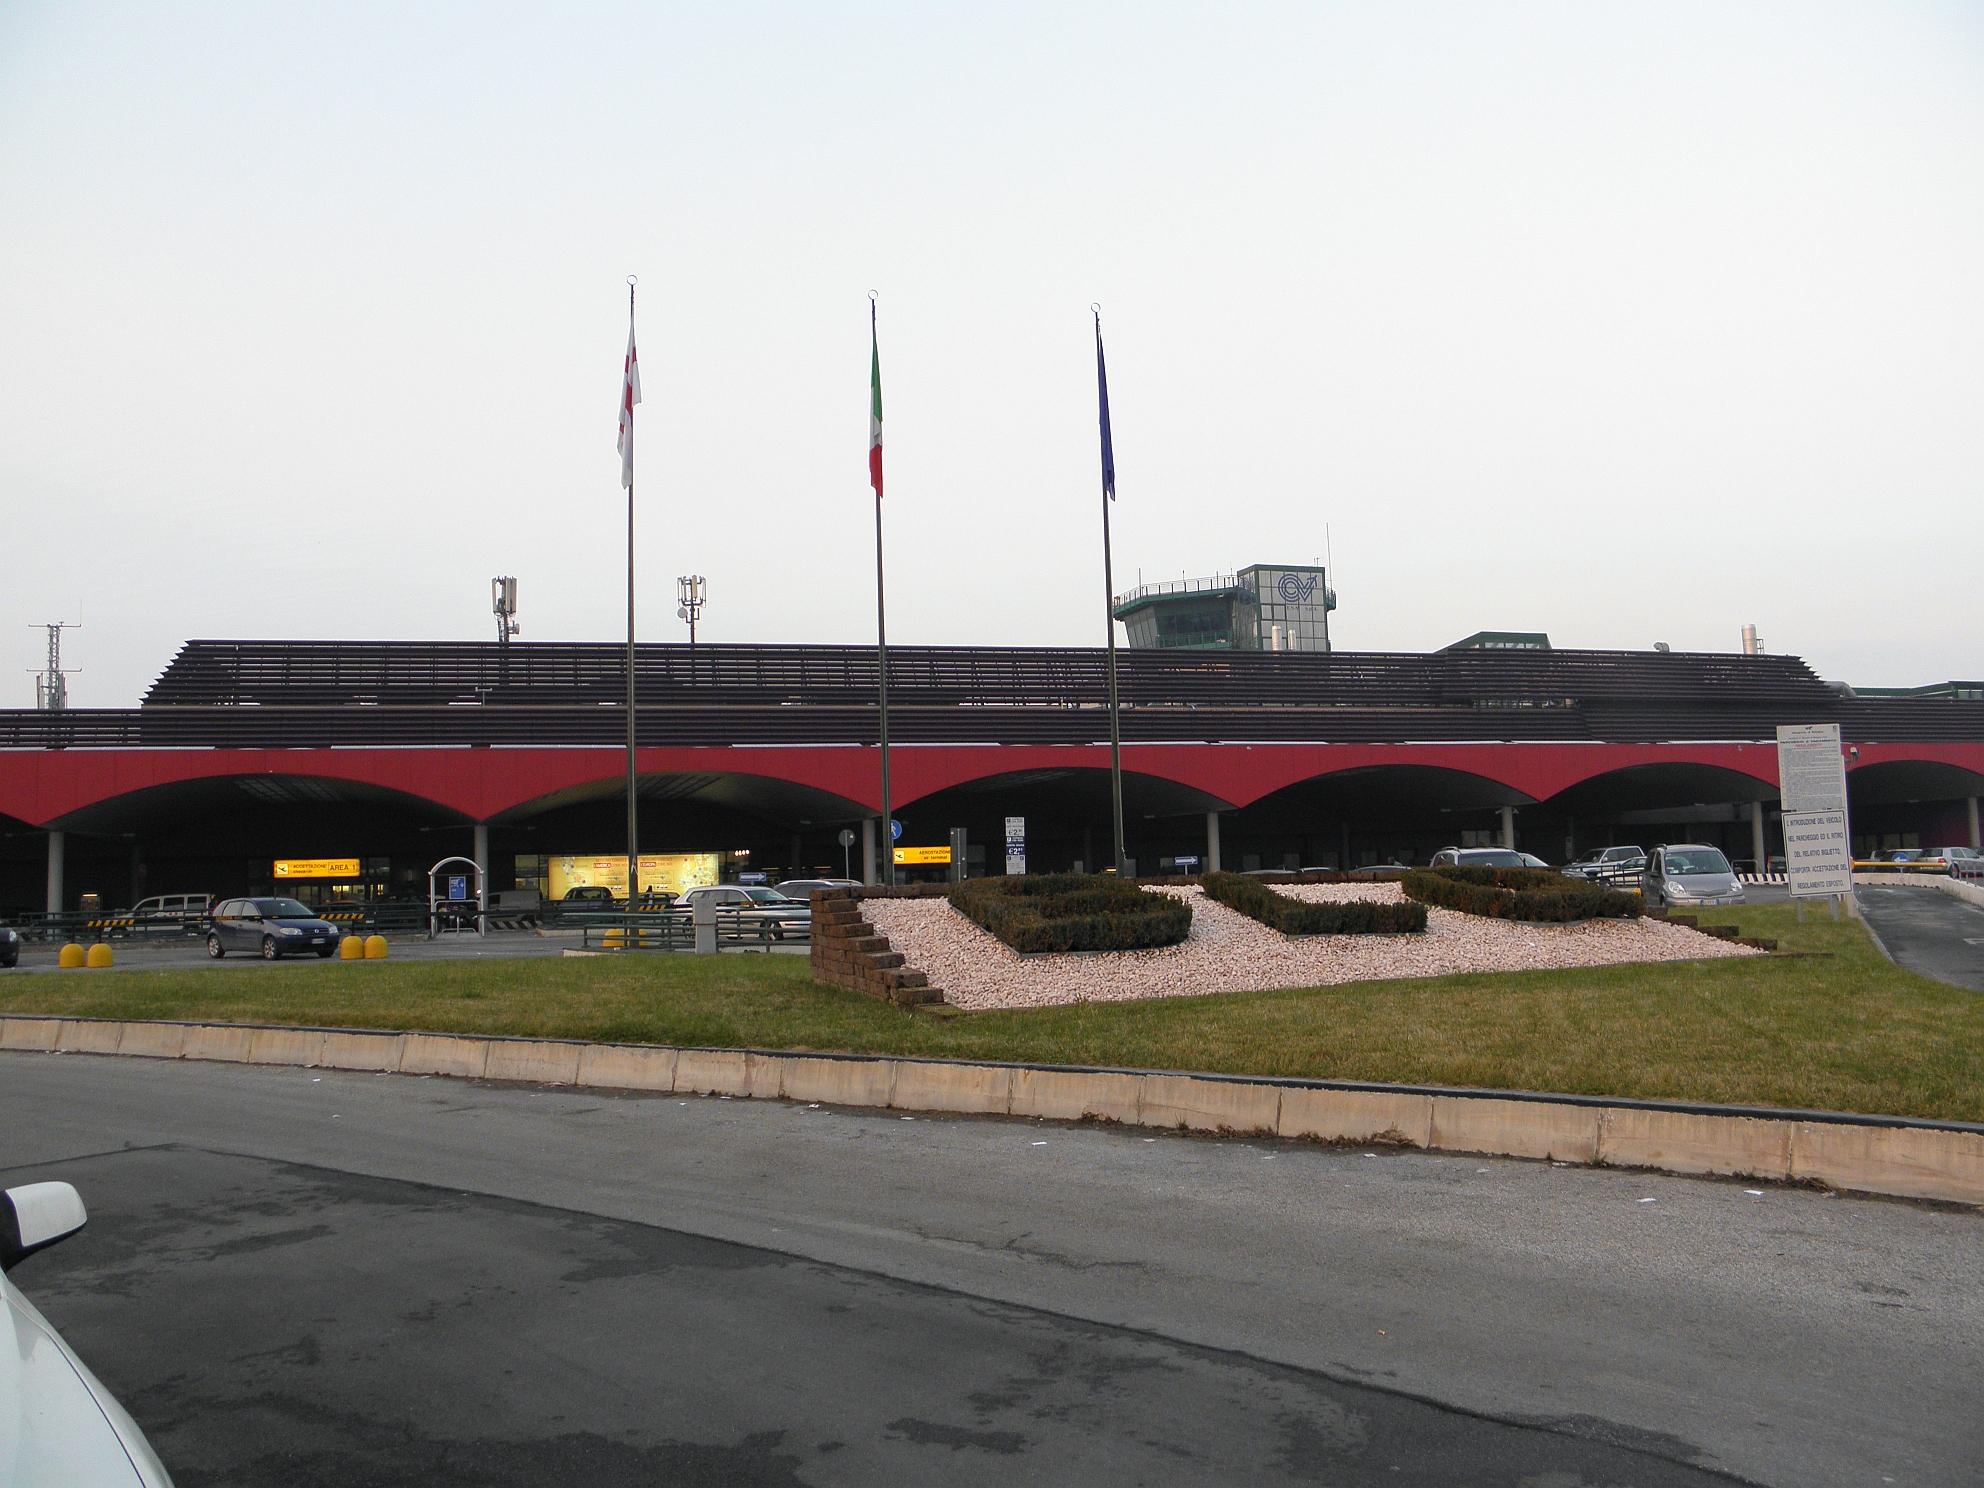 Aeroporto Di Bologna : Aeroporto di bologna chiuso ore per pista danneggiata